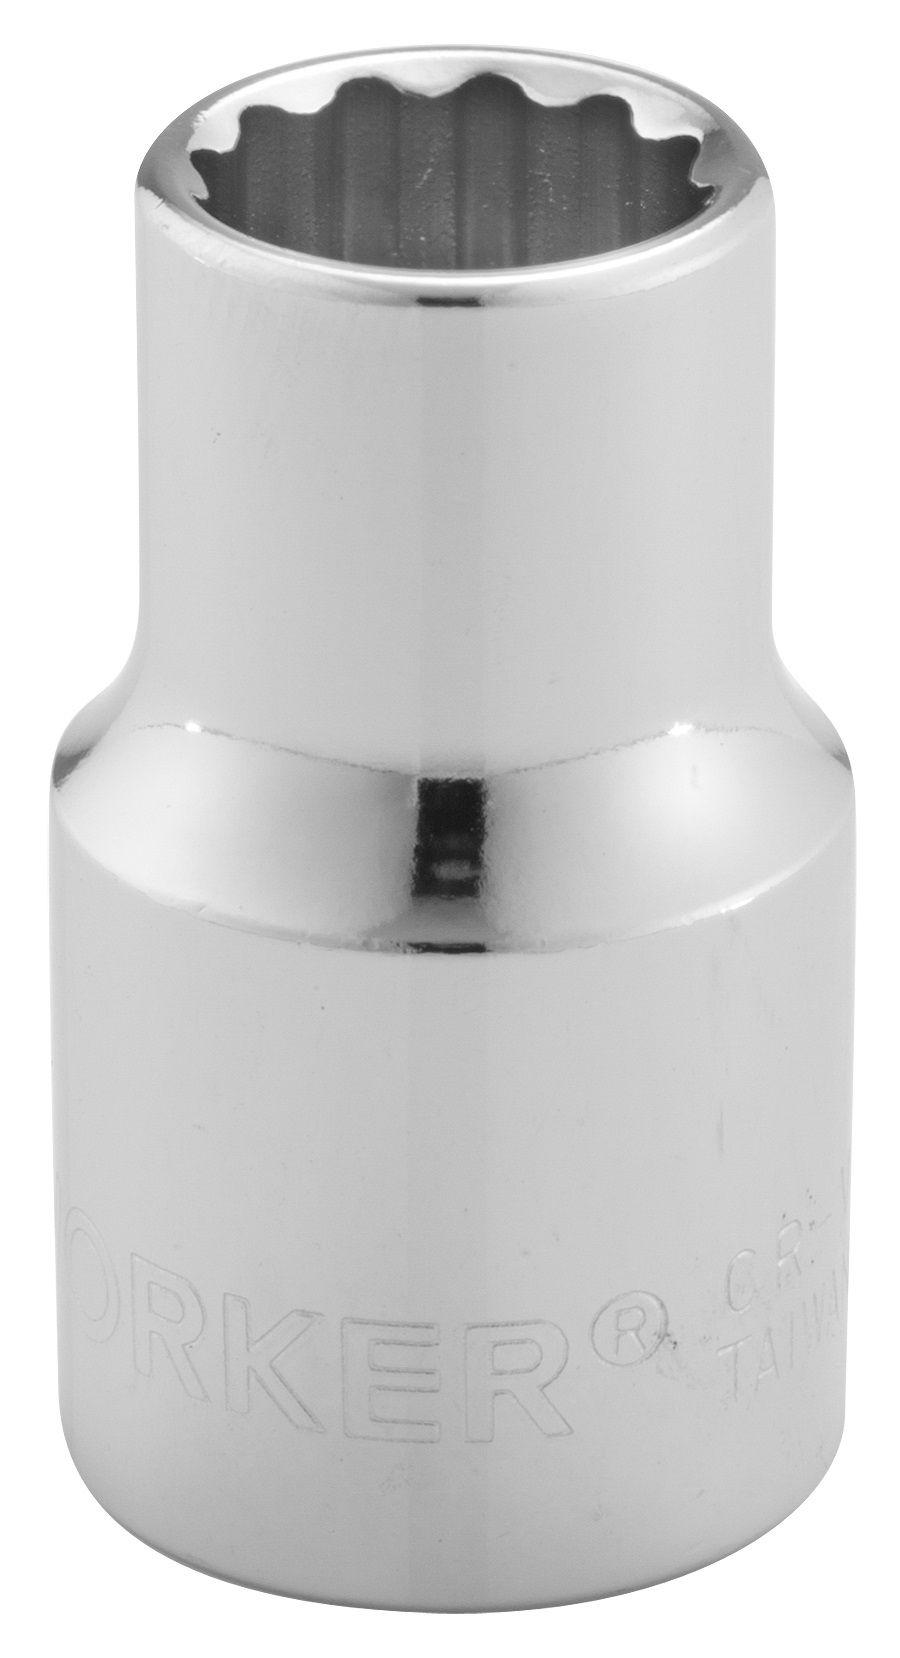 Chave Soquete Encaixe de 1/2 Medida 12mm Worker